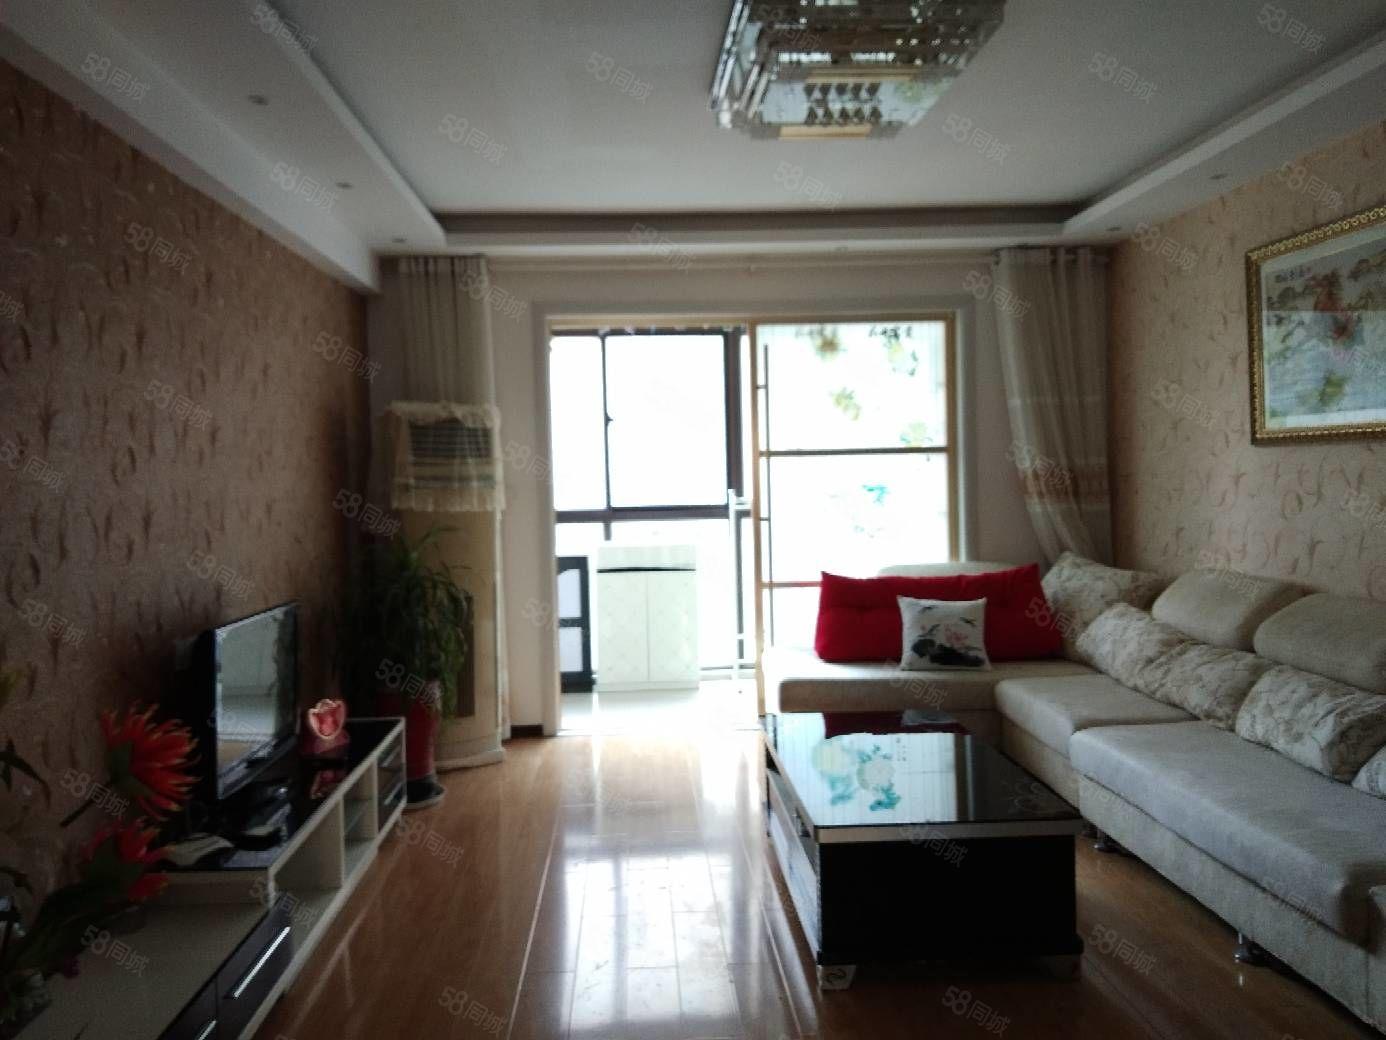 急租!万达熙龙湾精装3室2厅2卫斜对面就是莲花路小学拎